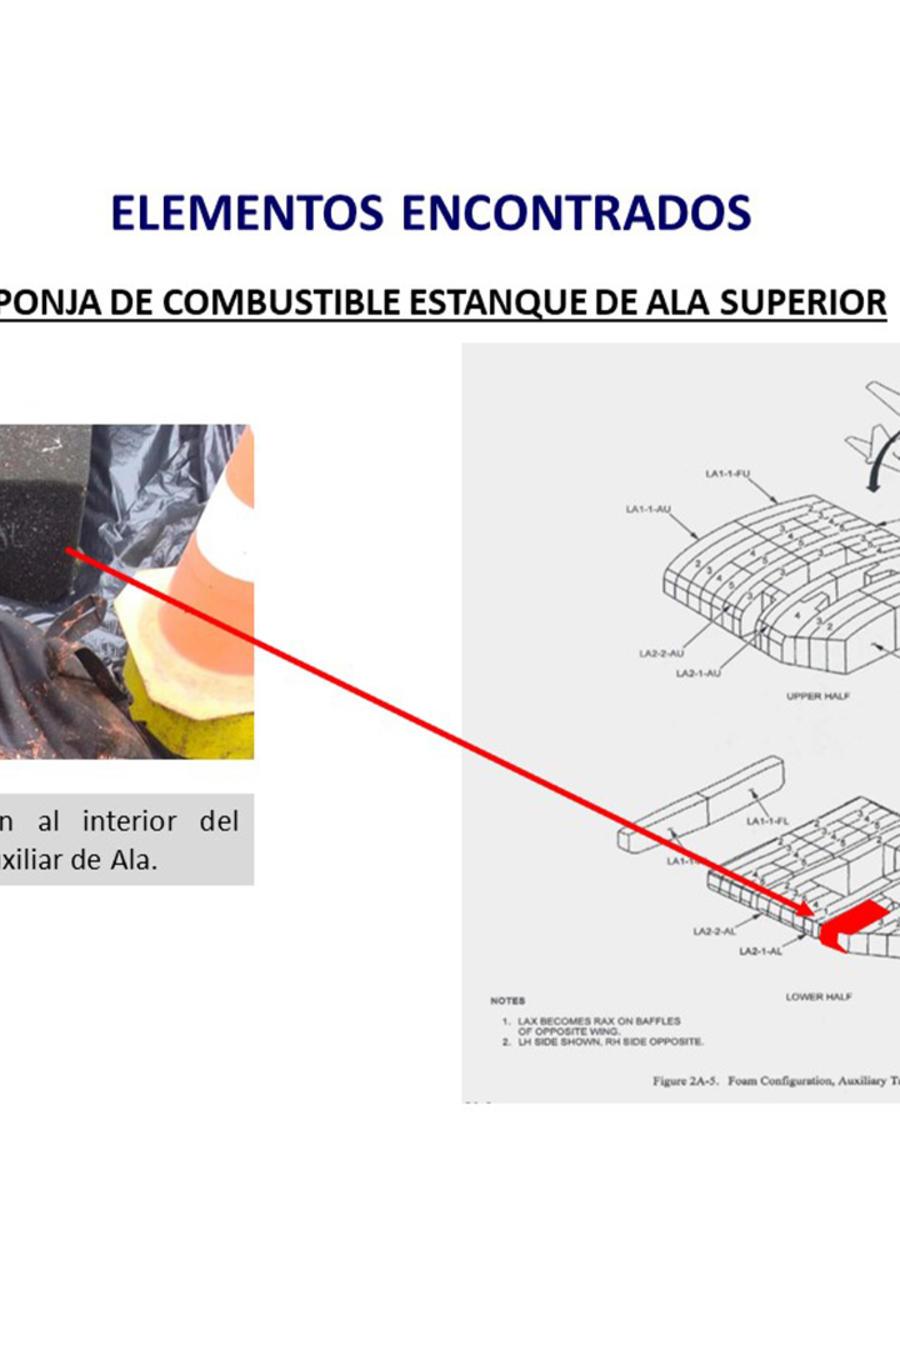 Hallan restos humanos y parte del fuselaje del avión chileno desaparecido